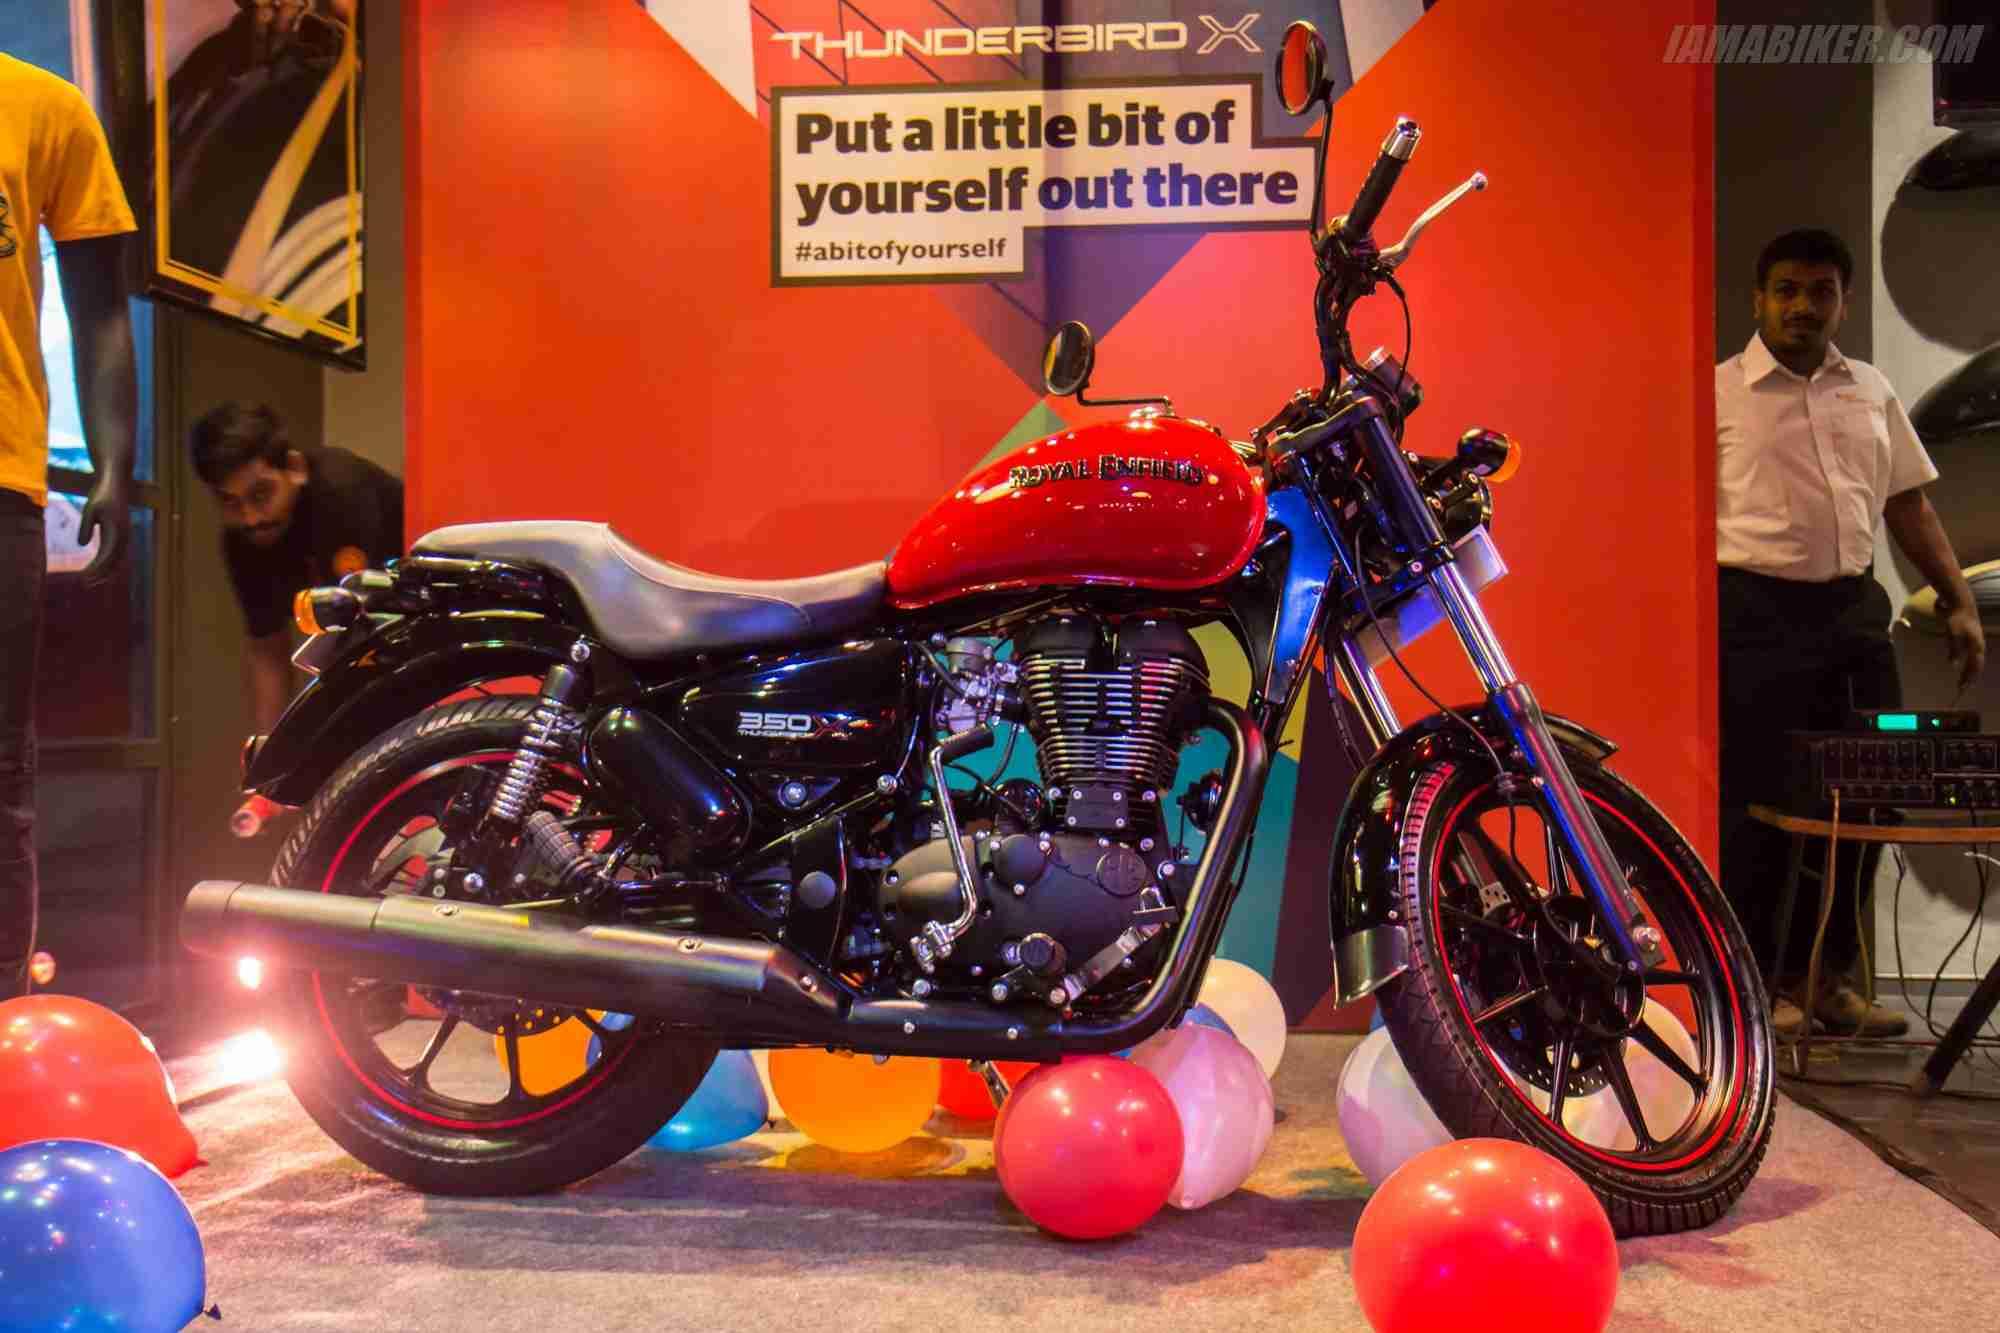 Thunderbird 350x Full View Iamabiker